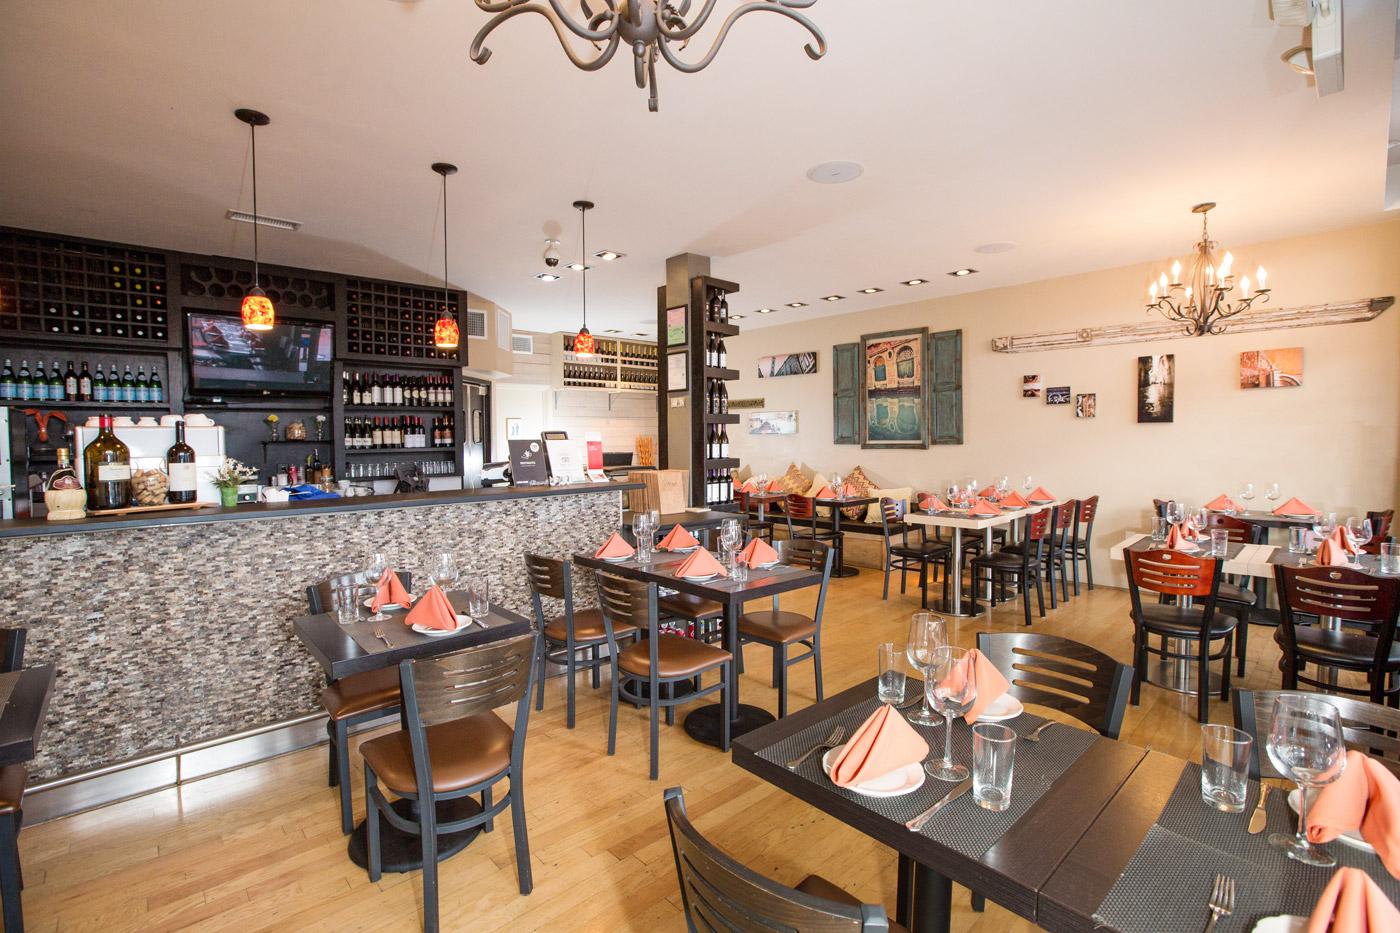 interior-Parma-Italian-Kitchen.jpg